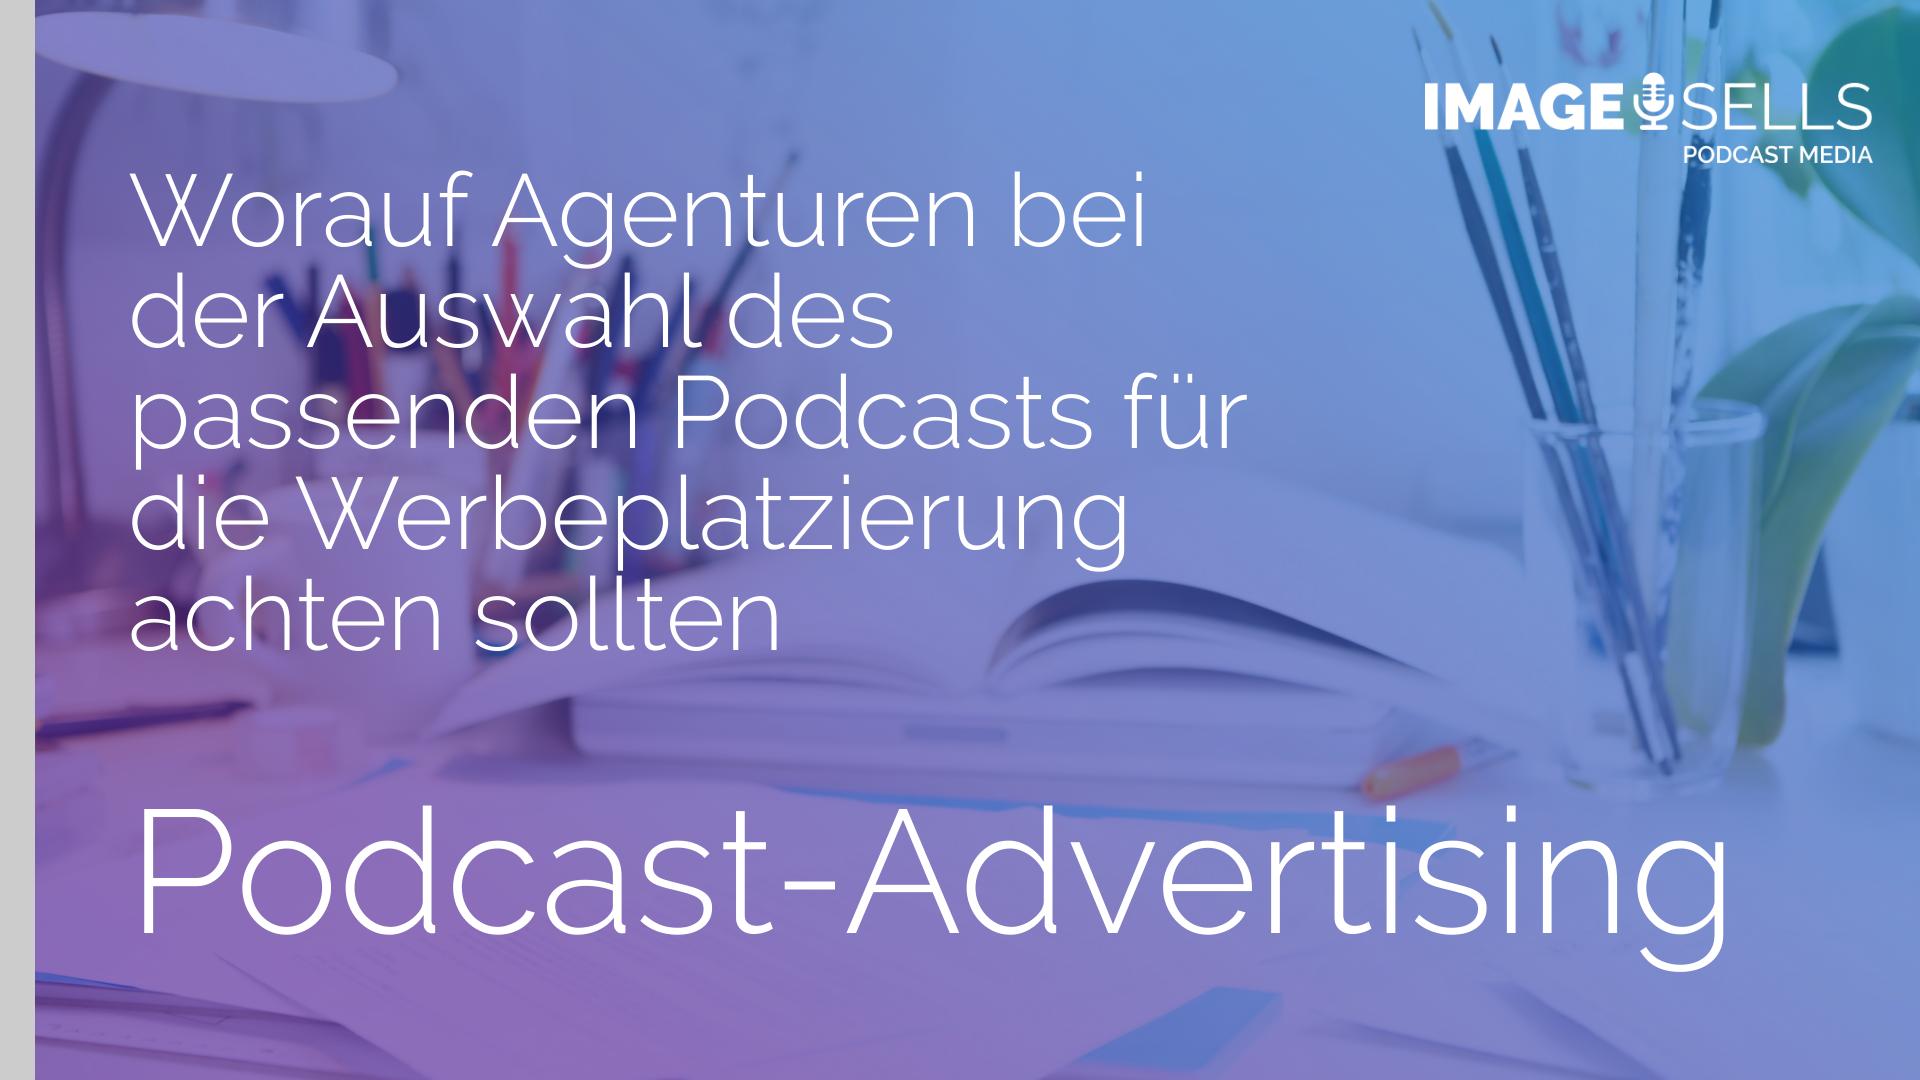 Worauf Agenturen bei der Auswahl des passenden Podcasts für die Werbeplatzierung achten sollten